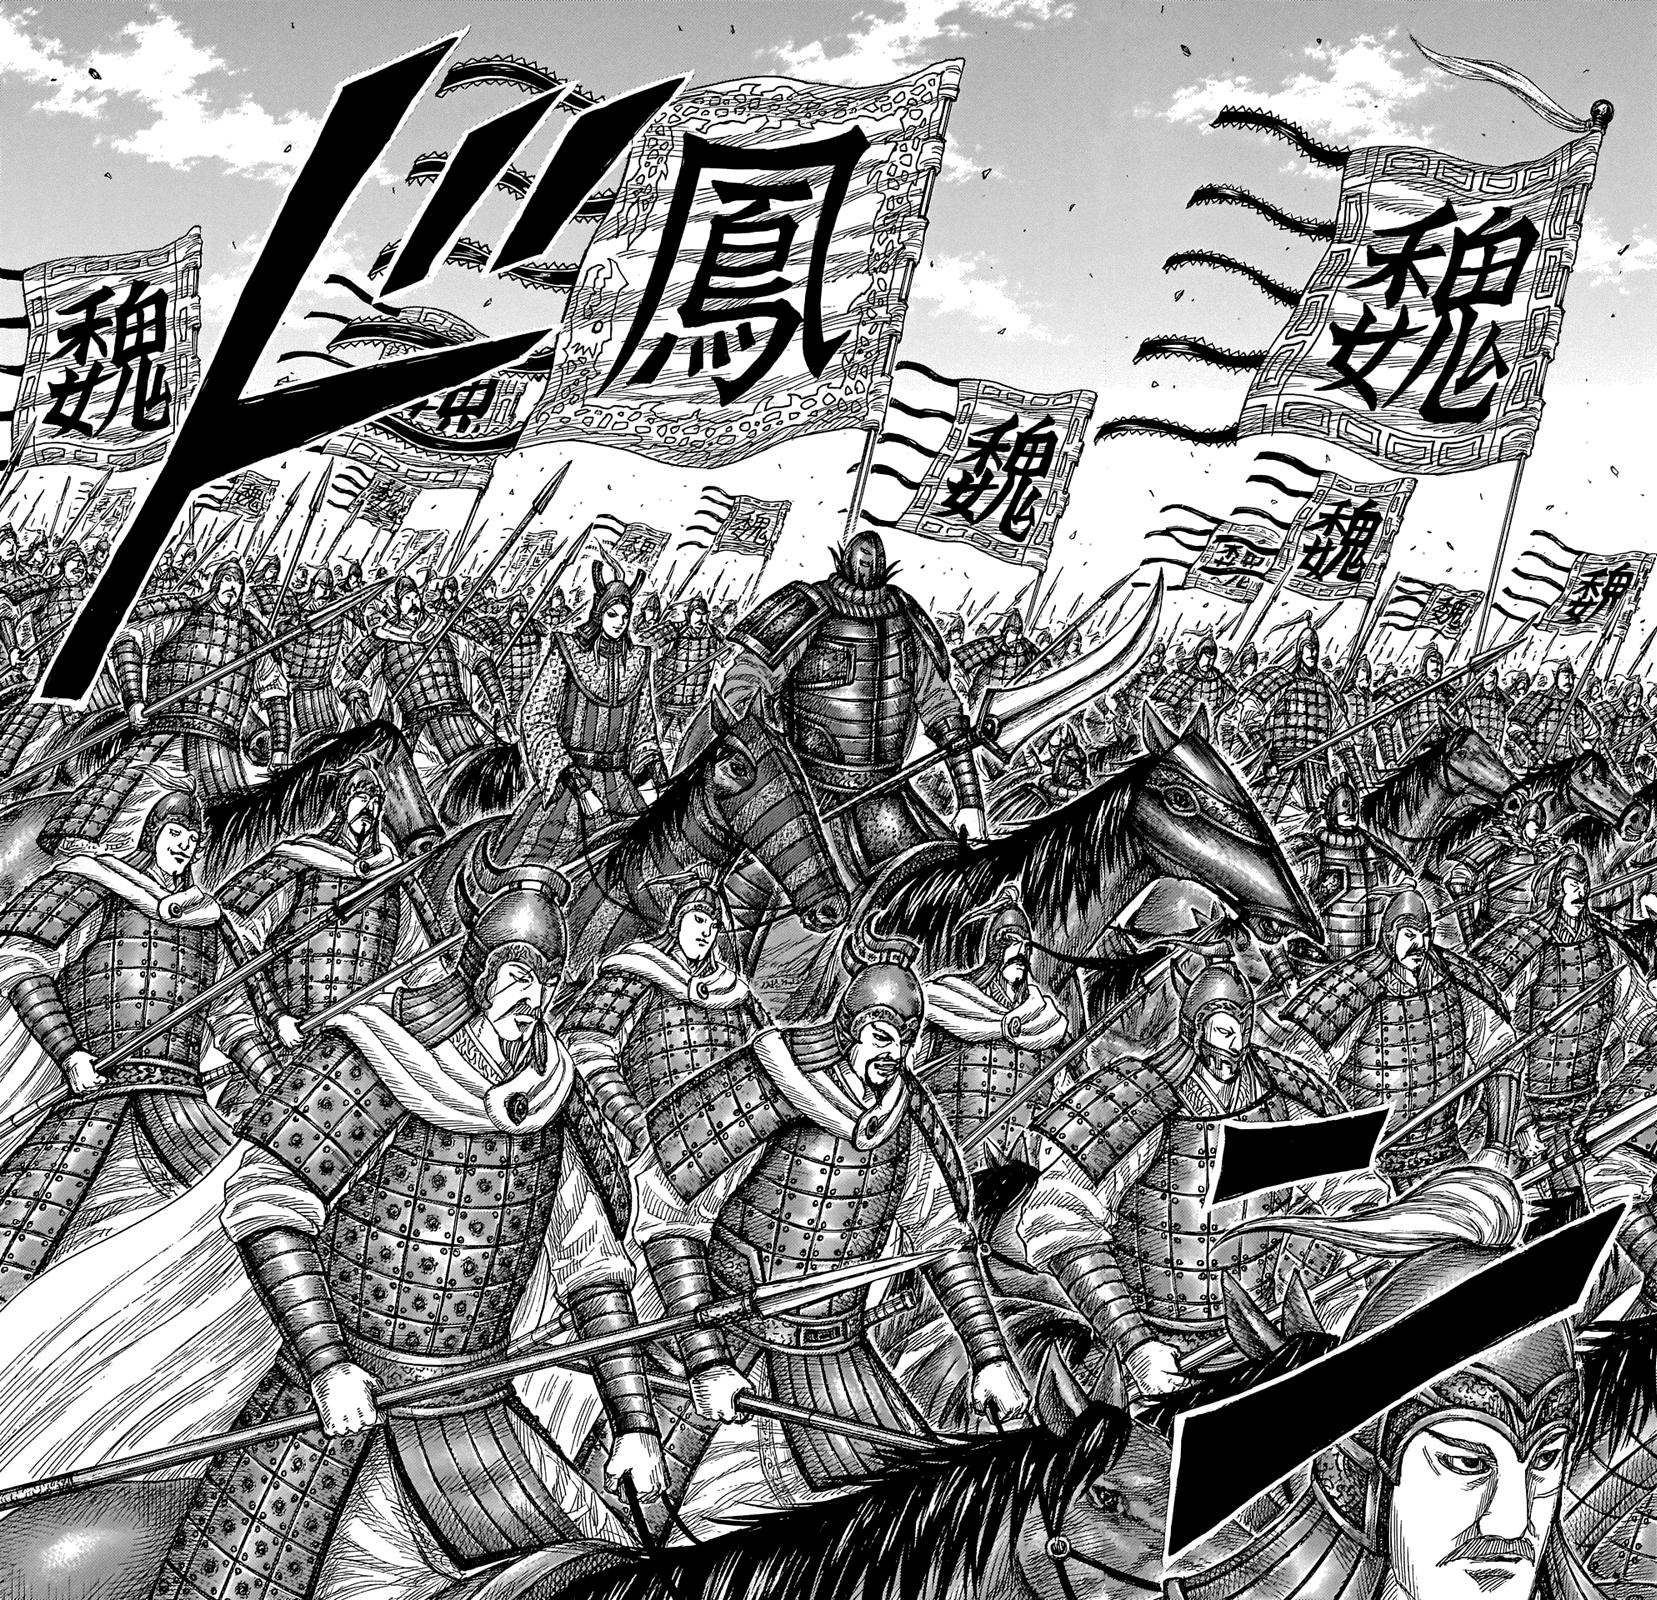 Go Hou Mei Army